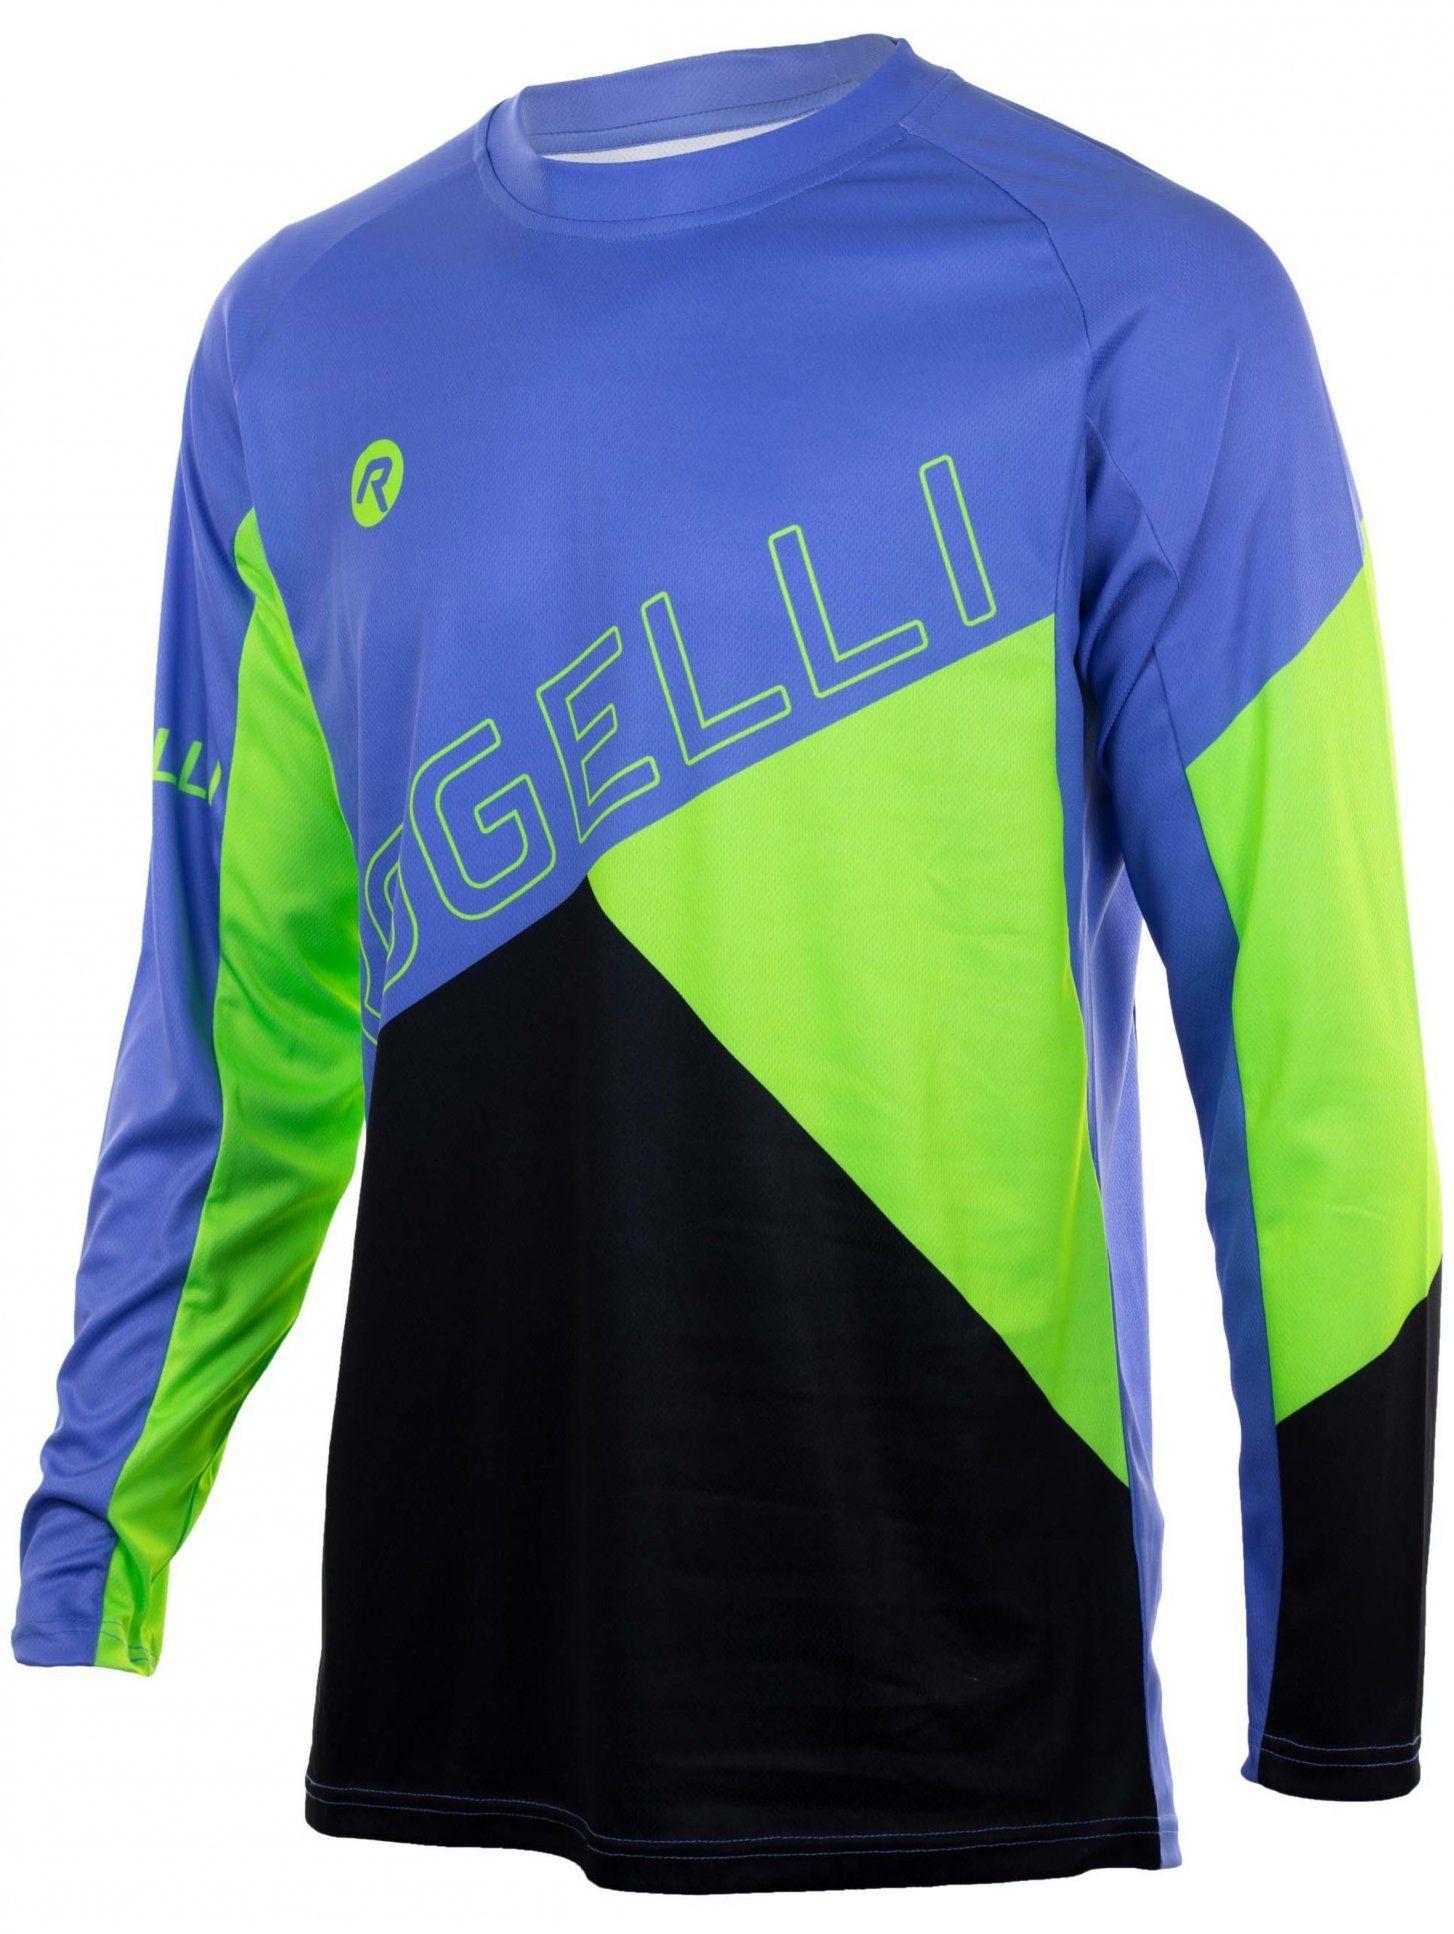 ROGELLI ADVENTURE męska koszulka rowerowa MTB z długim rekawem niebiesko-fluorowa 060.111 Rozmiar: XL,ADVENTURE 060.111